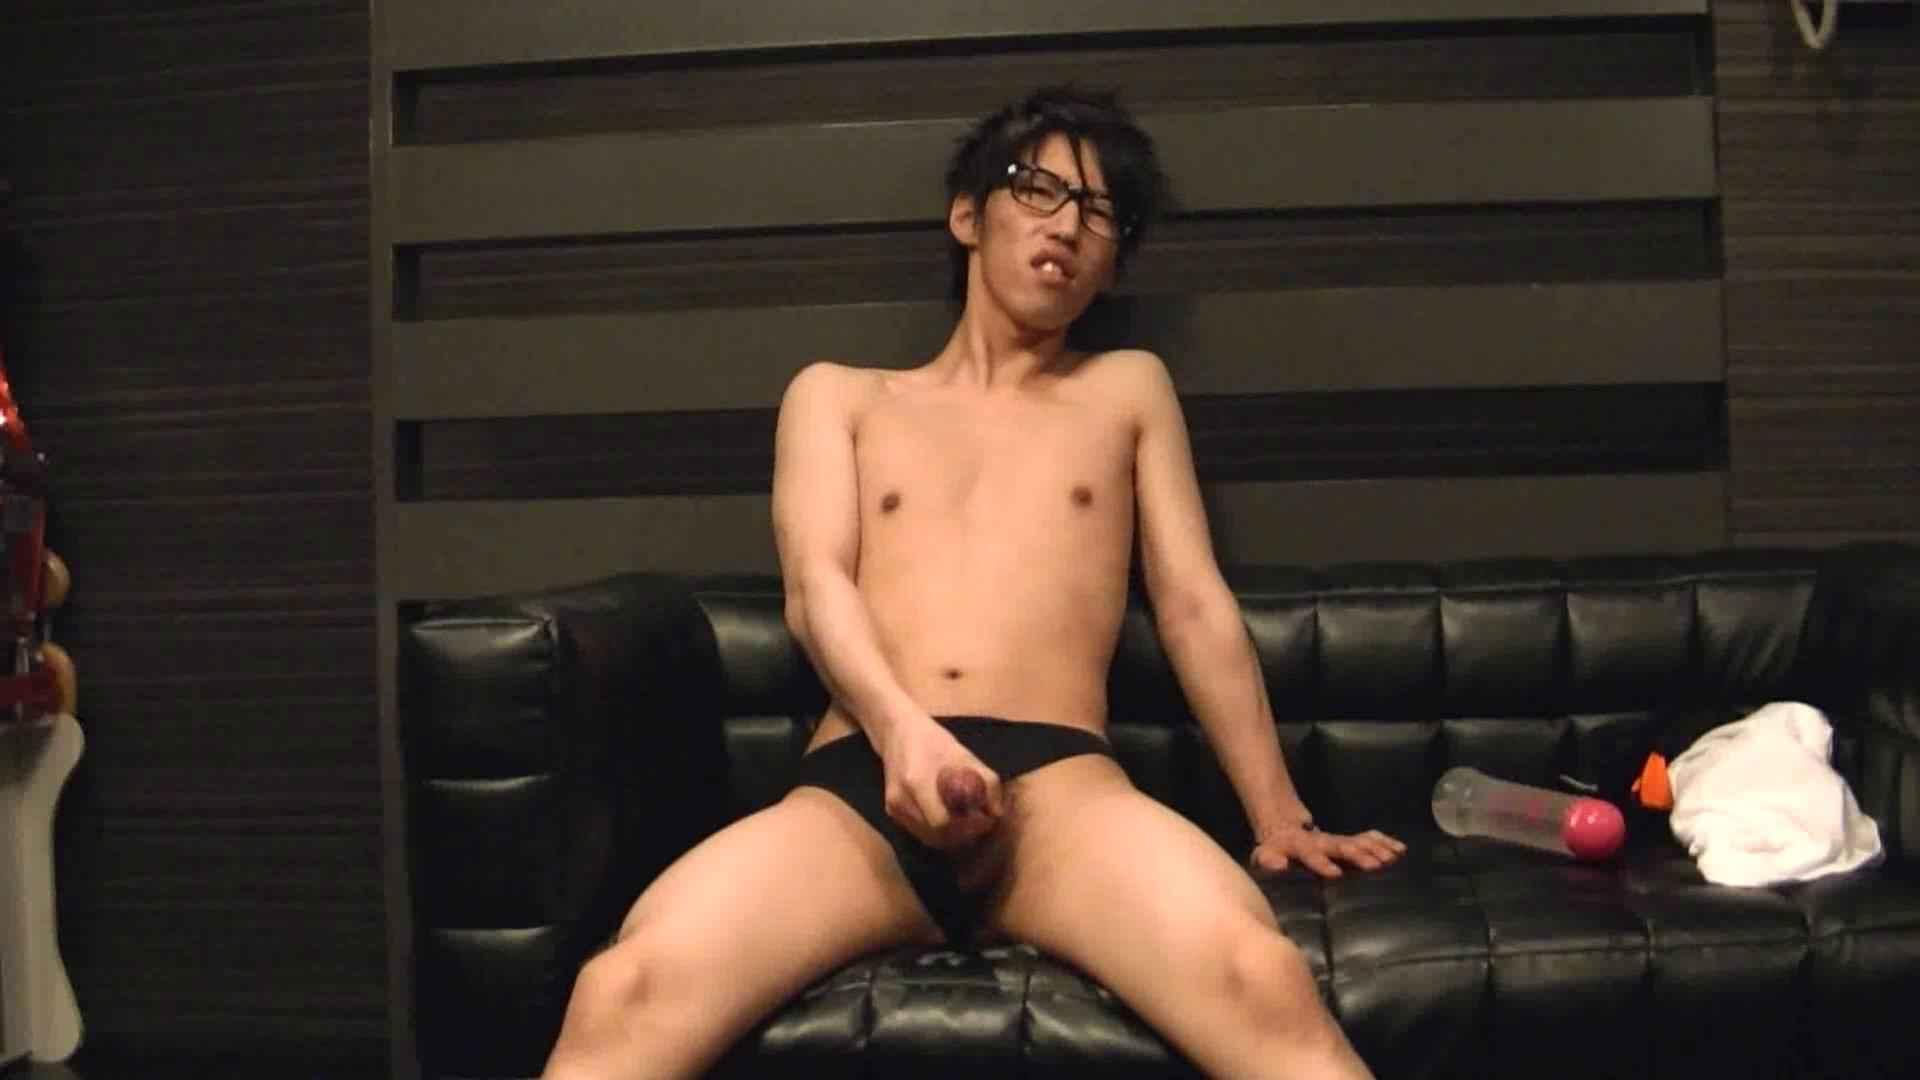 ONA見せカーニバル!! Vol3 男の世界  98画像 16